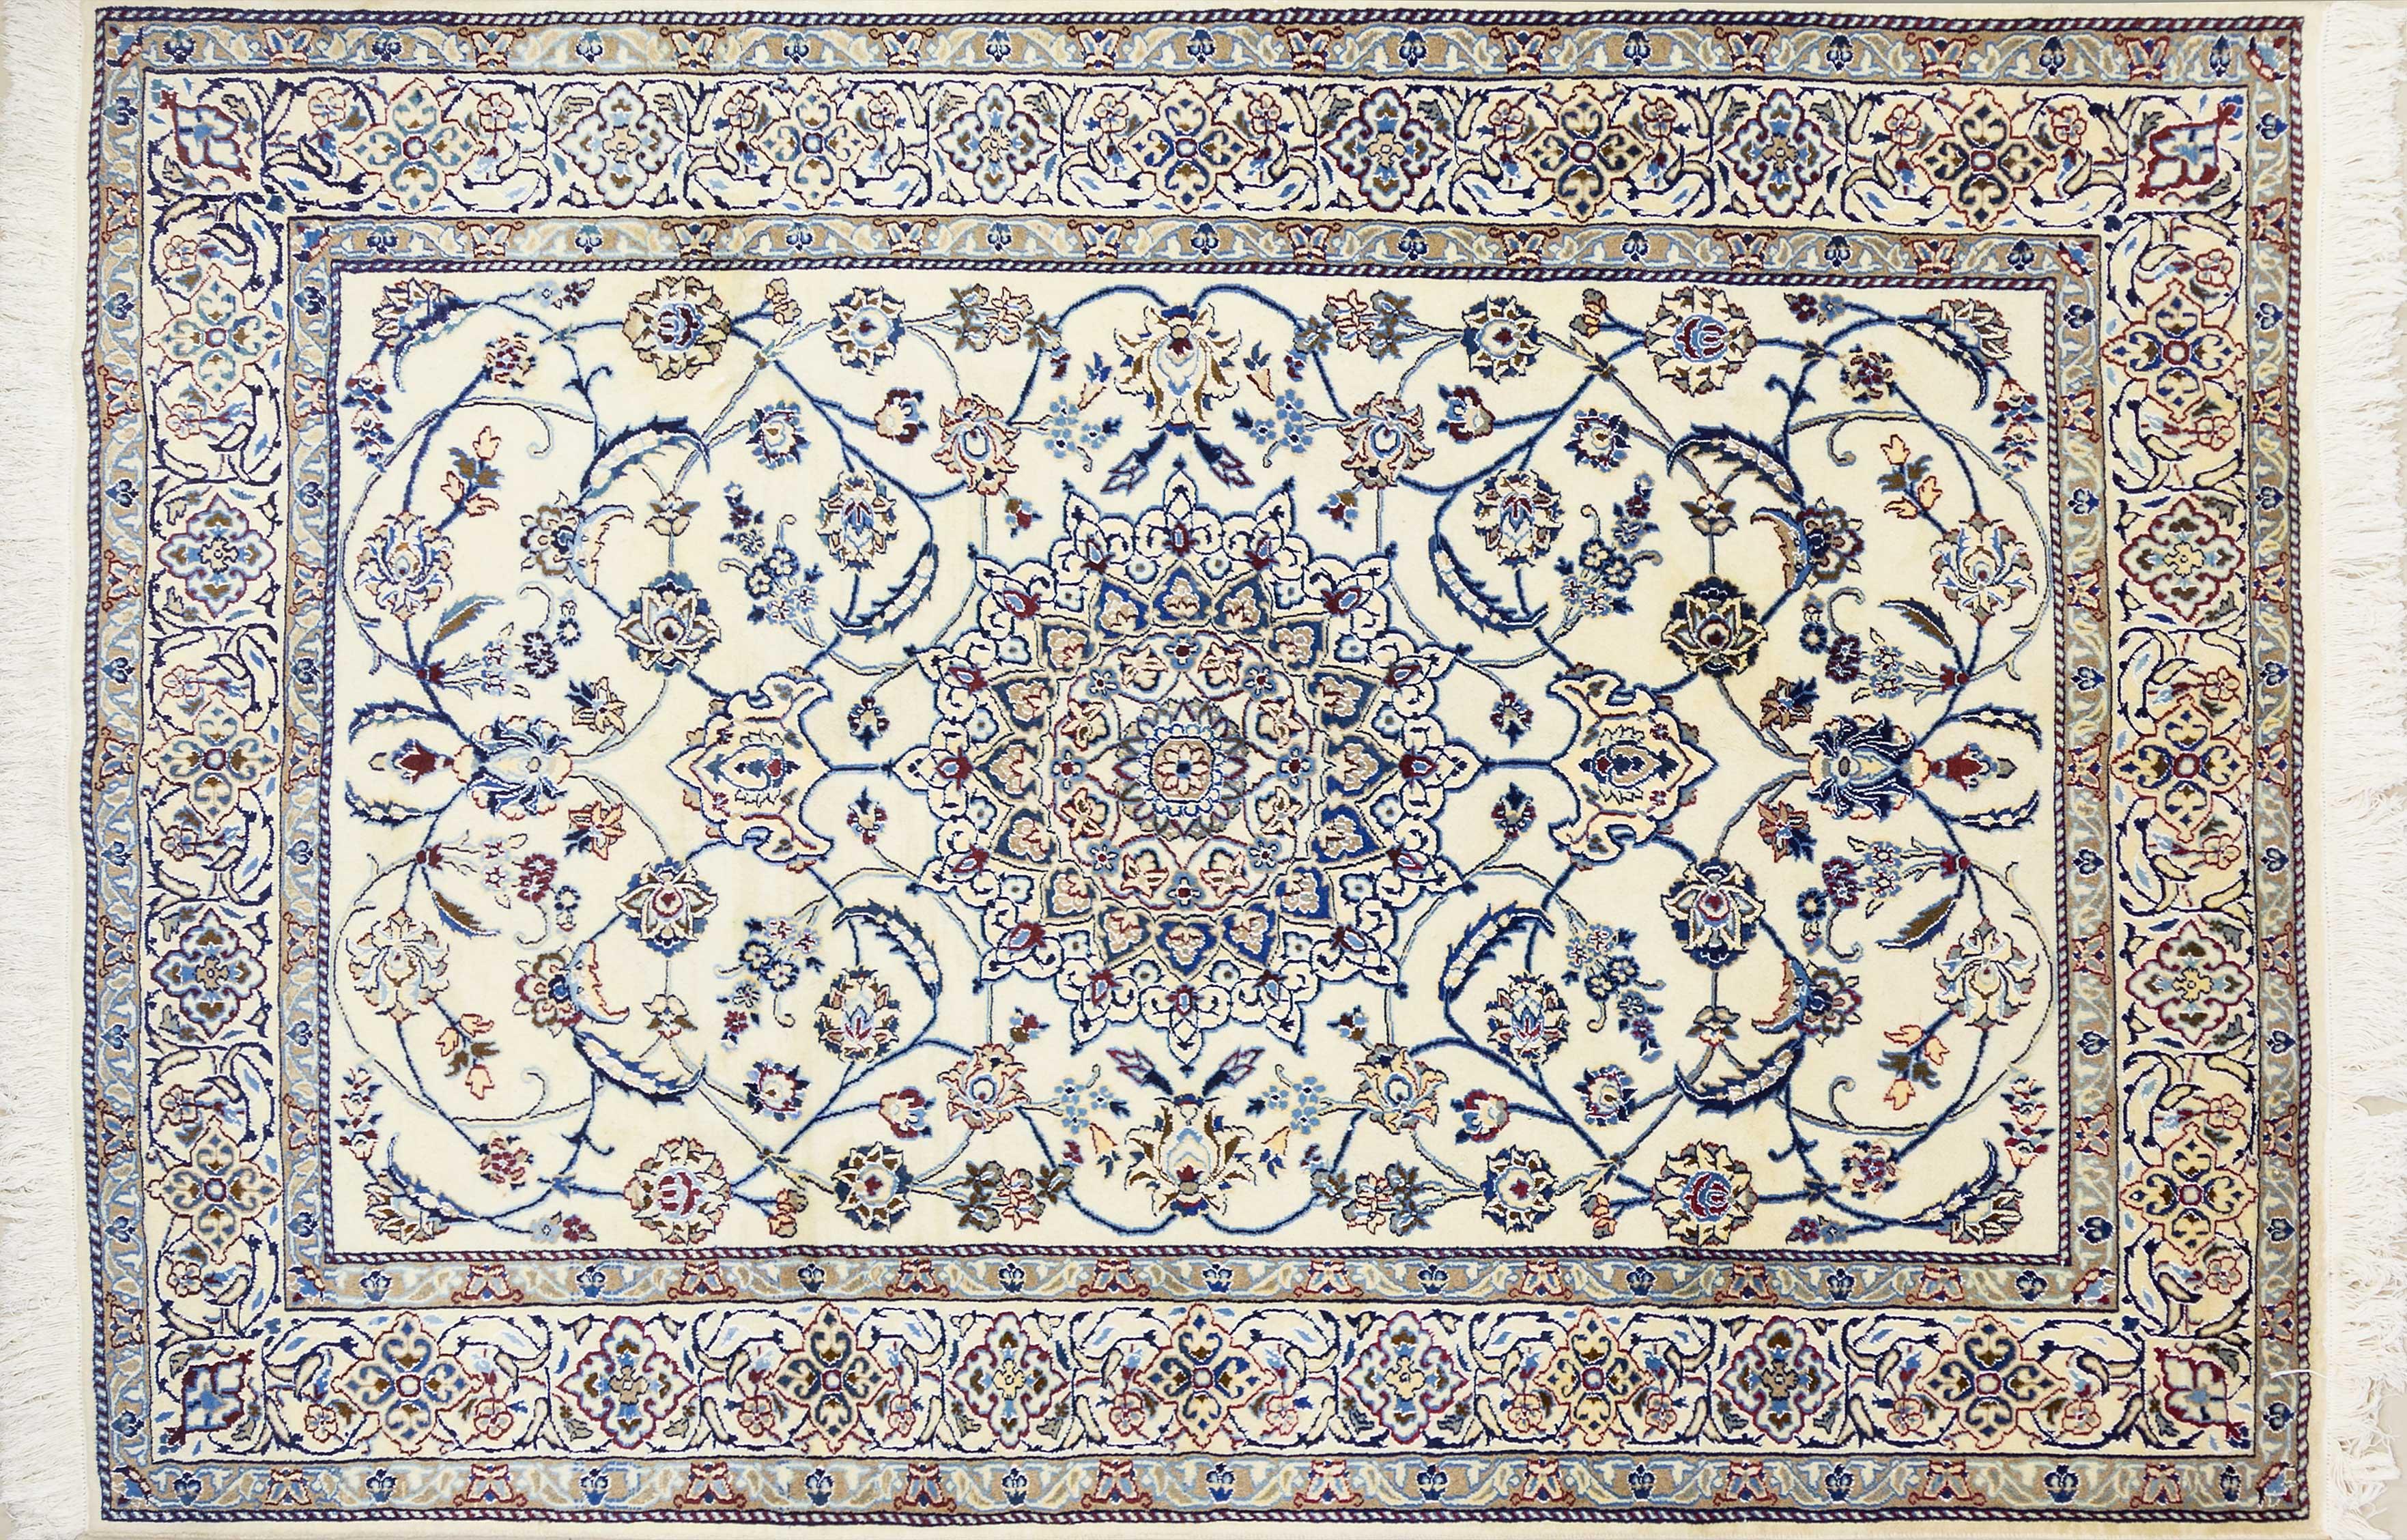 A Persian Hand Knotted Nain Carpet, 292 x 200